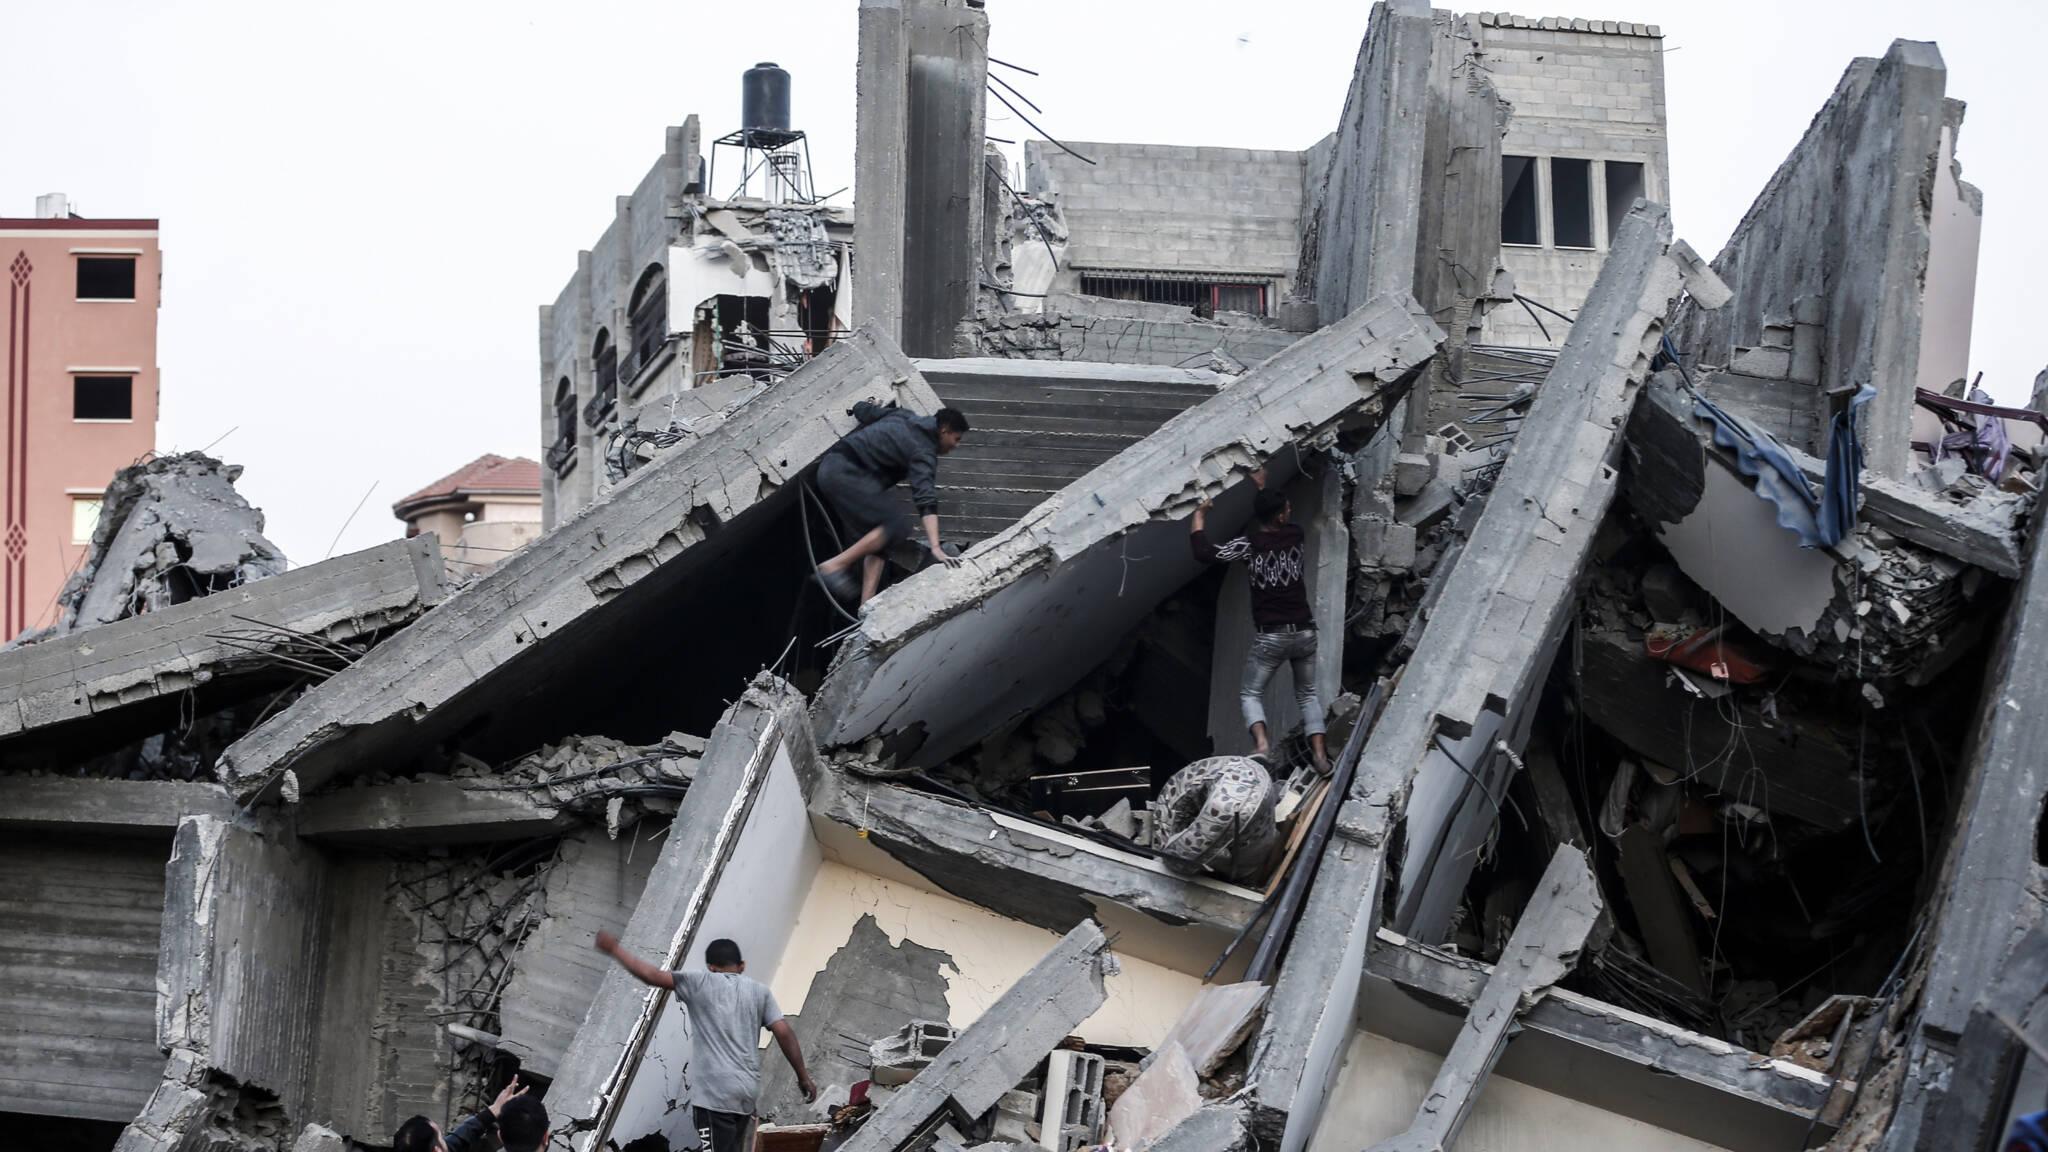 Korban Tewas Akibat kekerasan Antara Gaza dan Israel Terus Meningkat